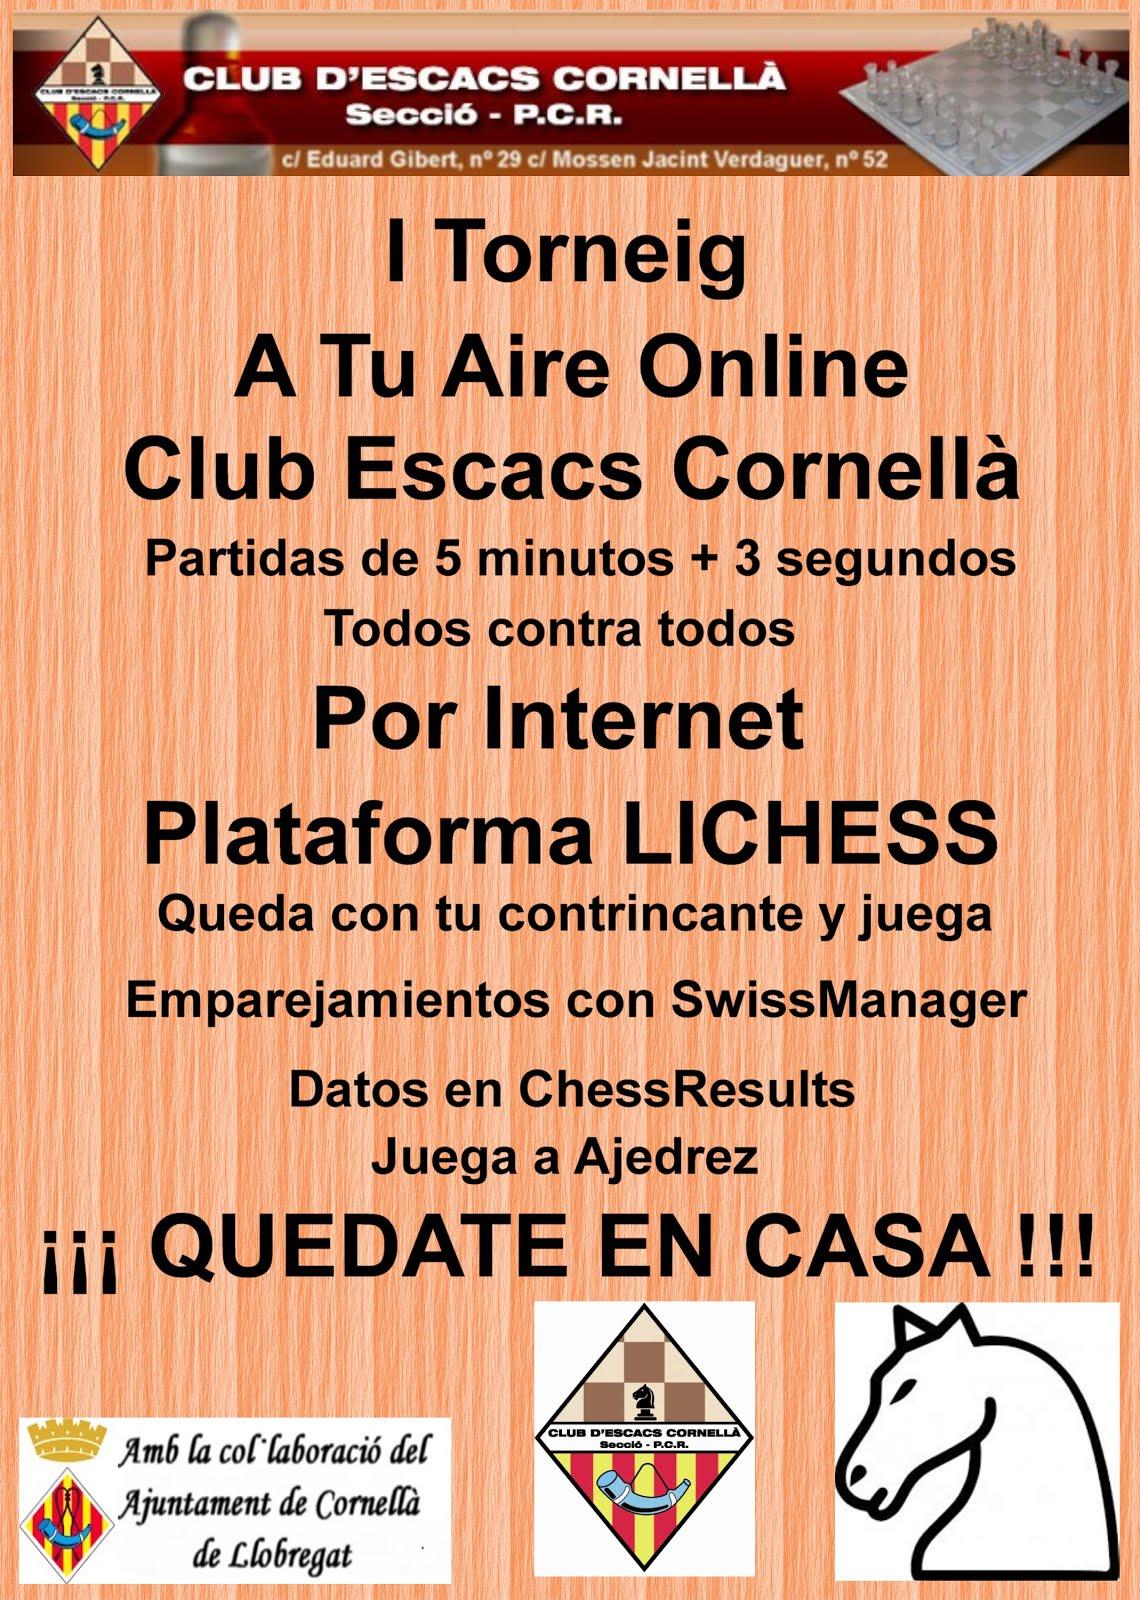 I Torneig A Tu Aire Online Cornella C.E.